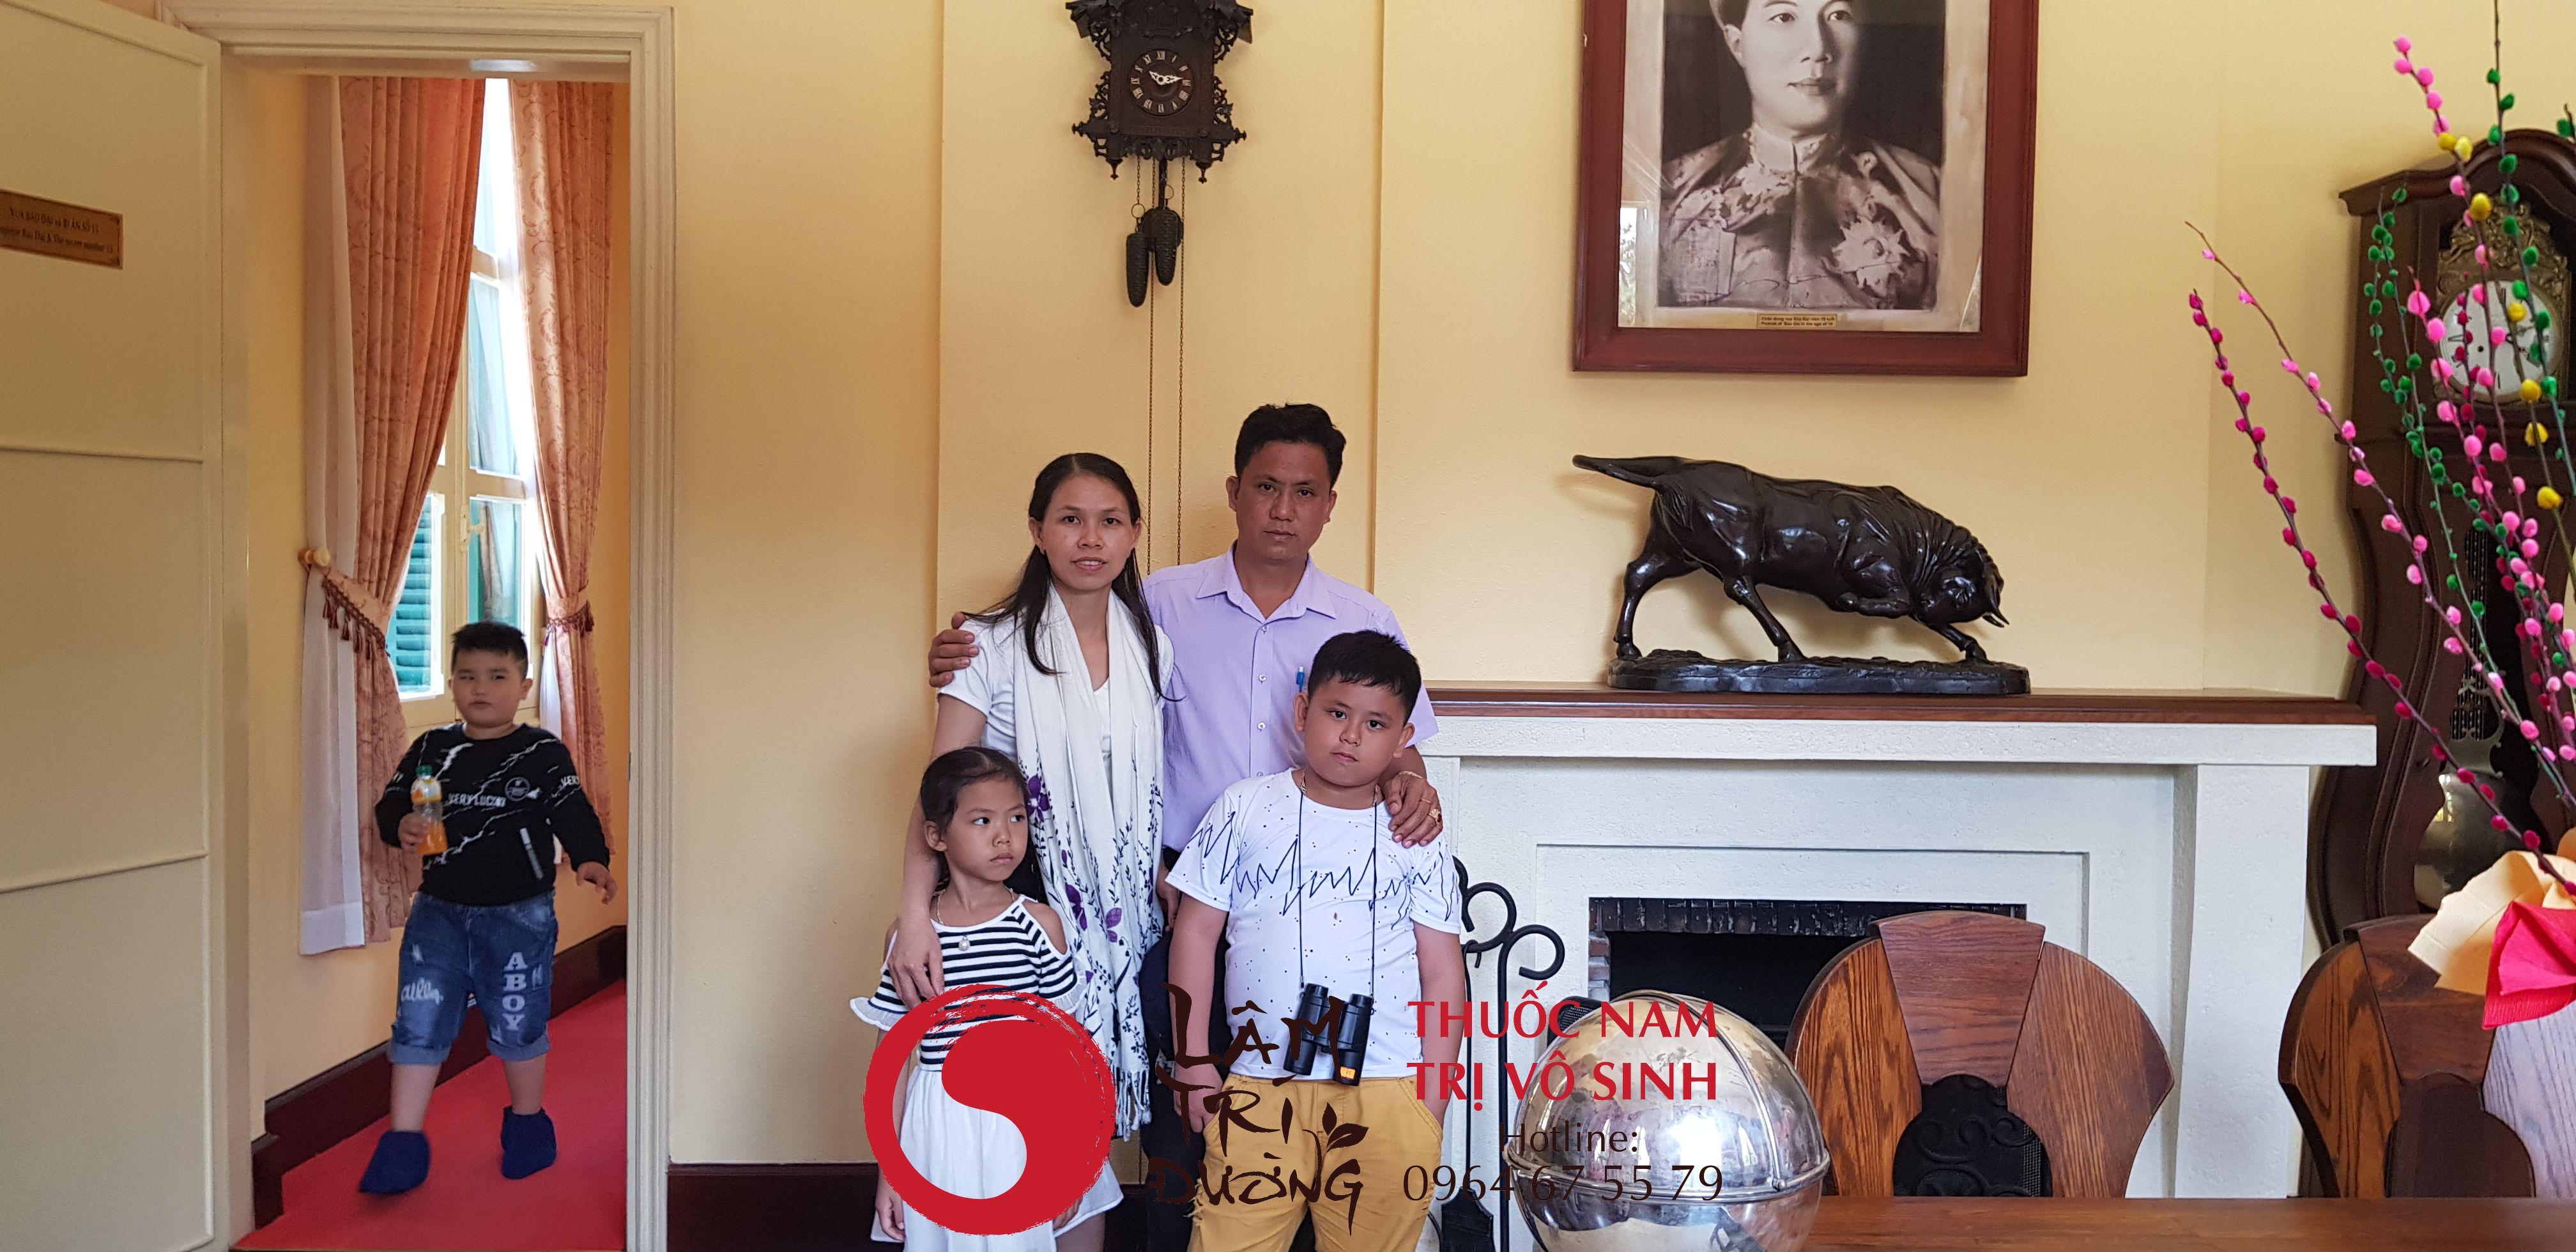 Bùi Văn Trúc cùng vợ và 2 con